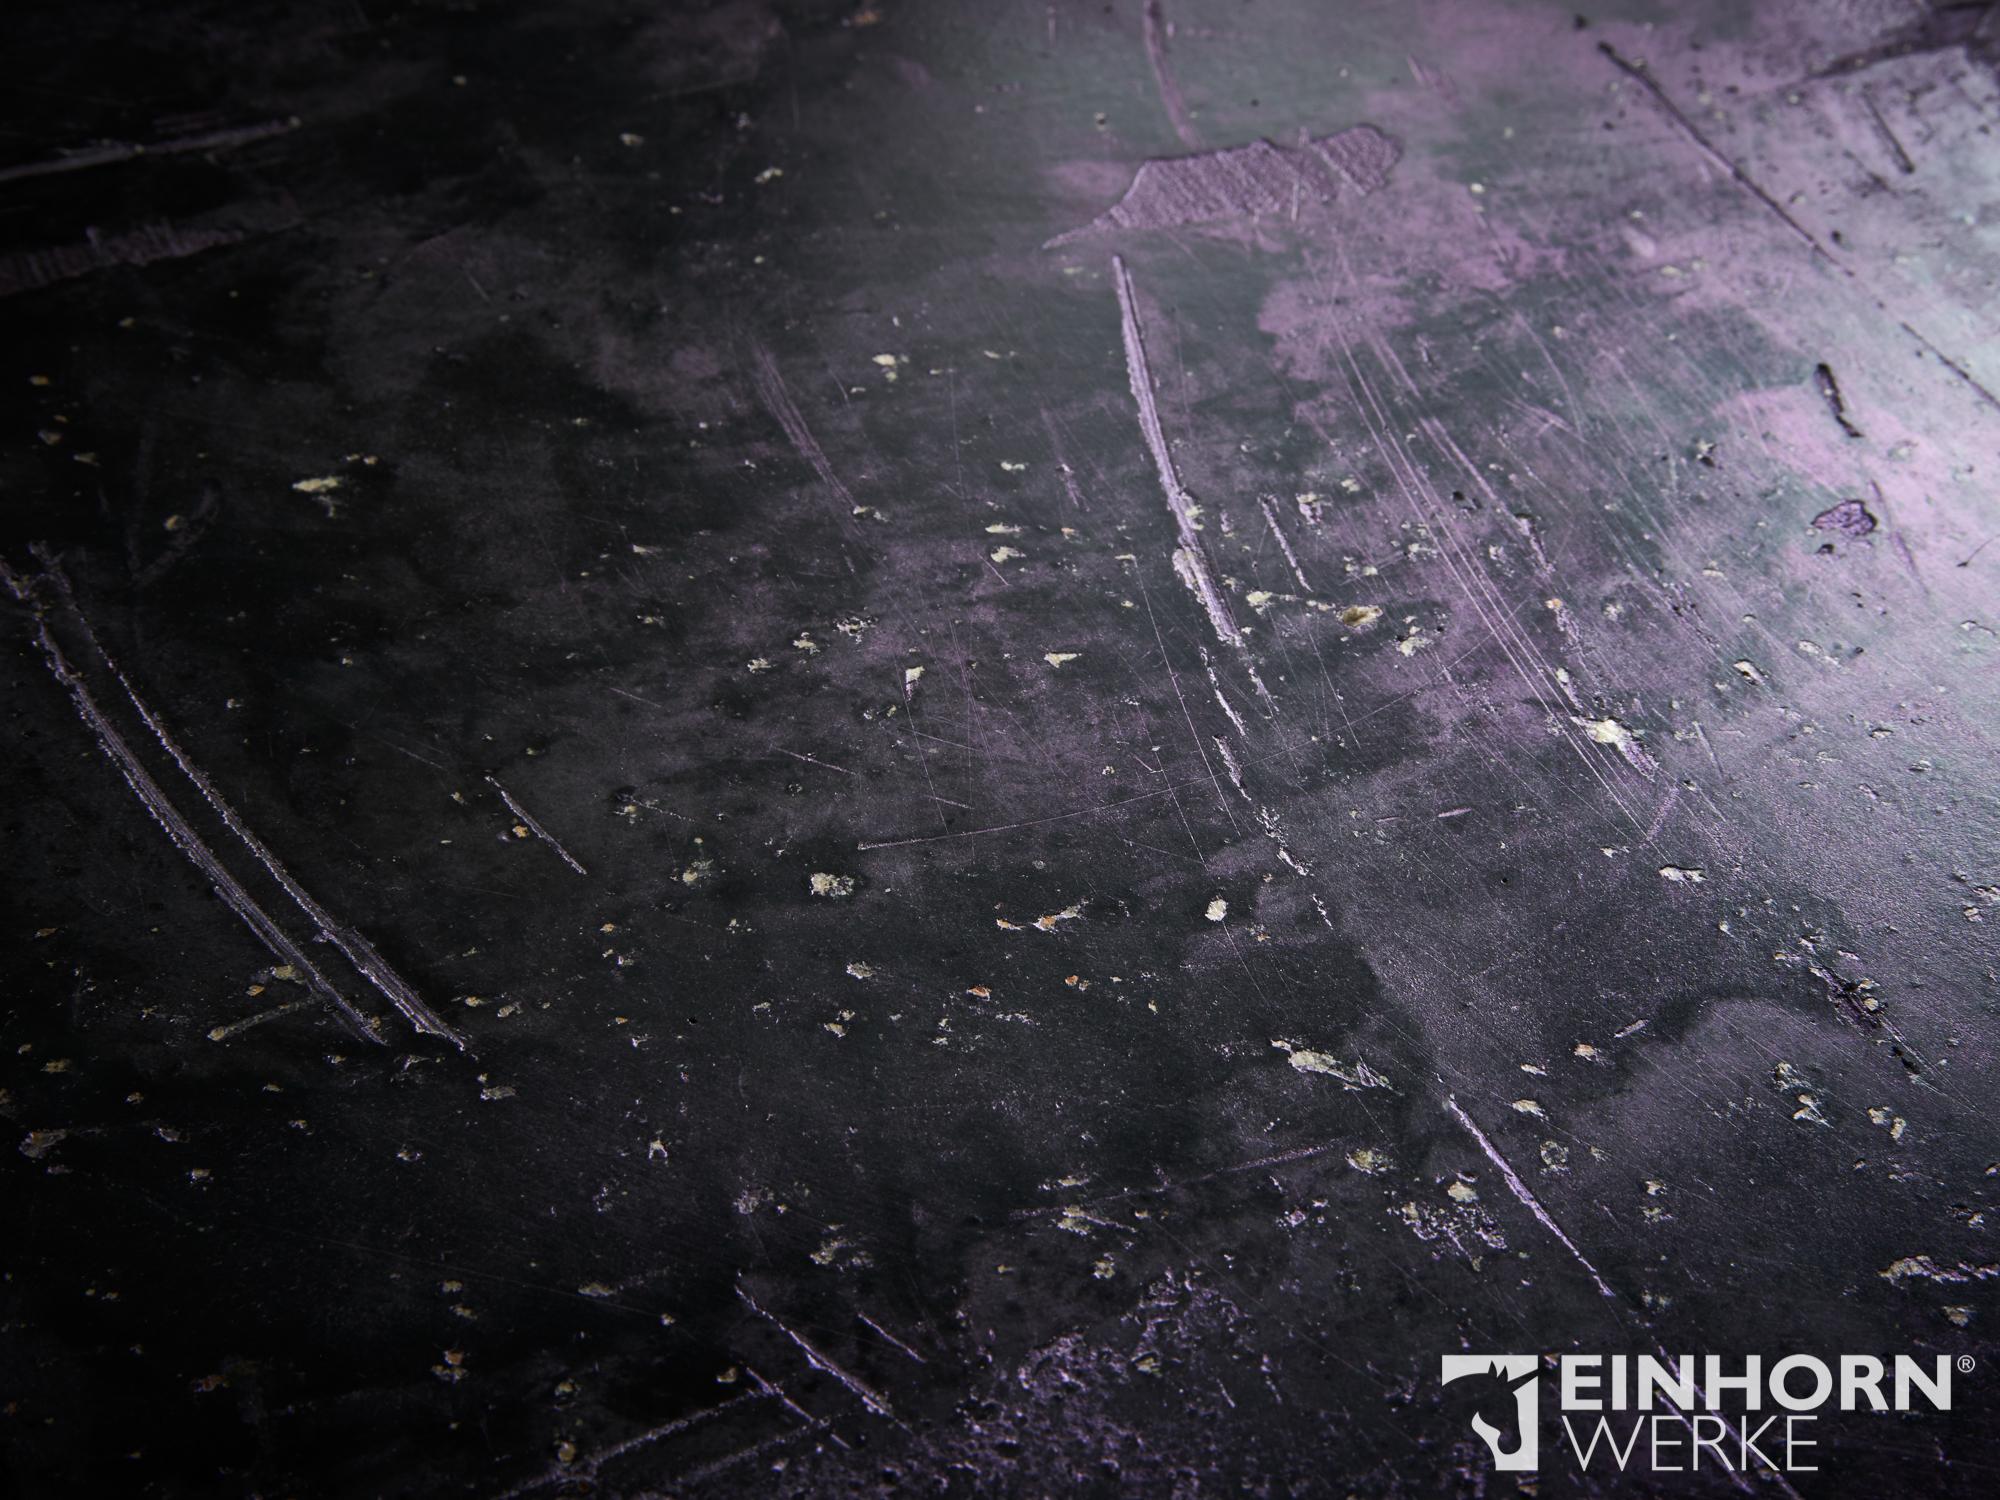 STUCCORINO 0907+ Goldglimmer fein+ STUCCORINO Amethyst + EINHORN WERKE® Wand- & Bodenöl plus. exklusive Wandgestaltung, Marmorputz, schöne Wände